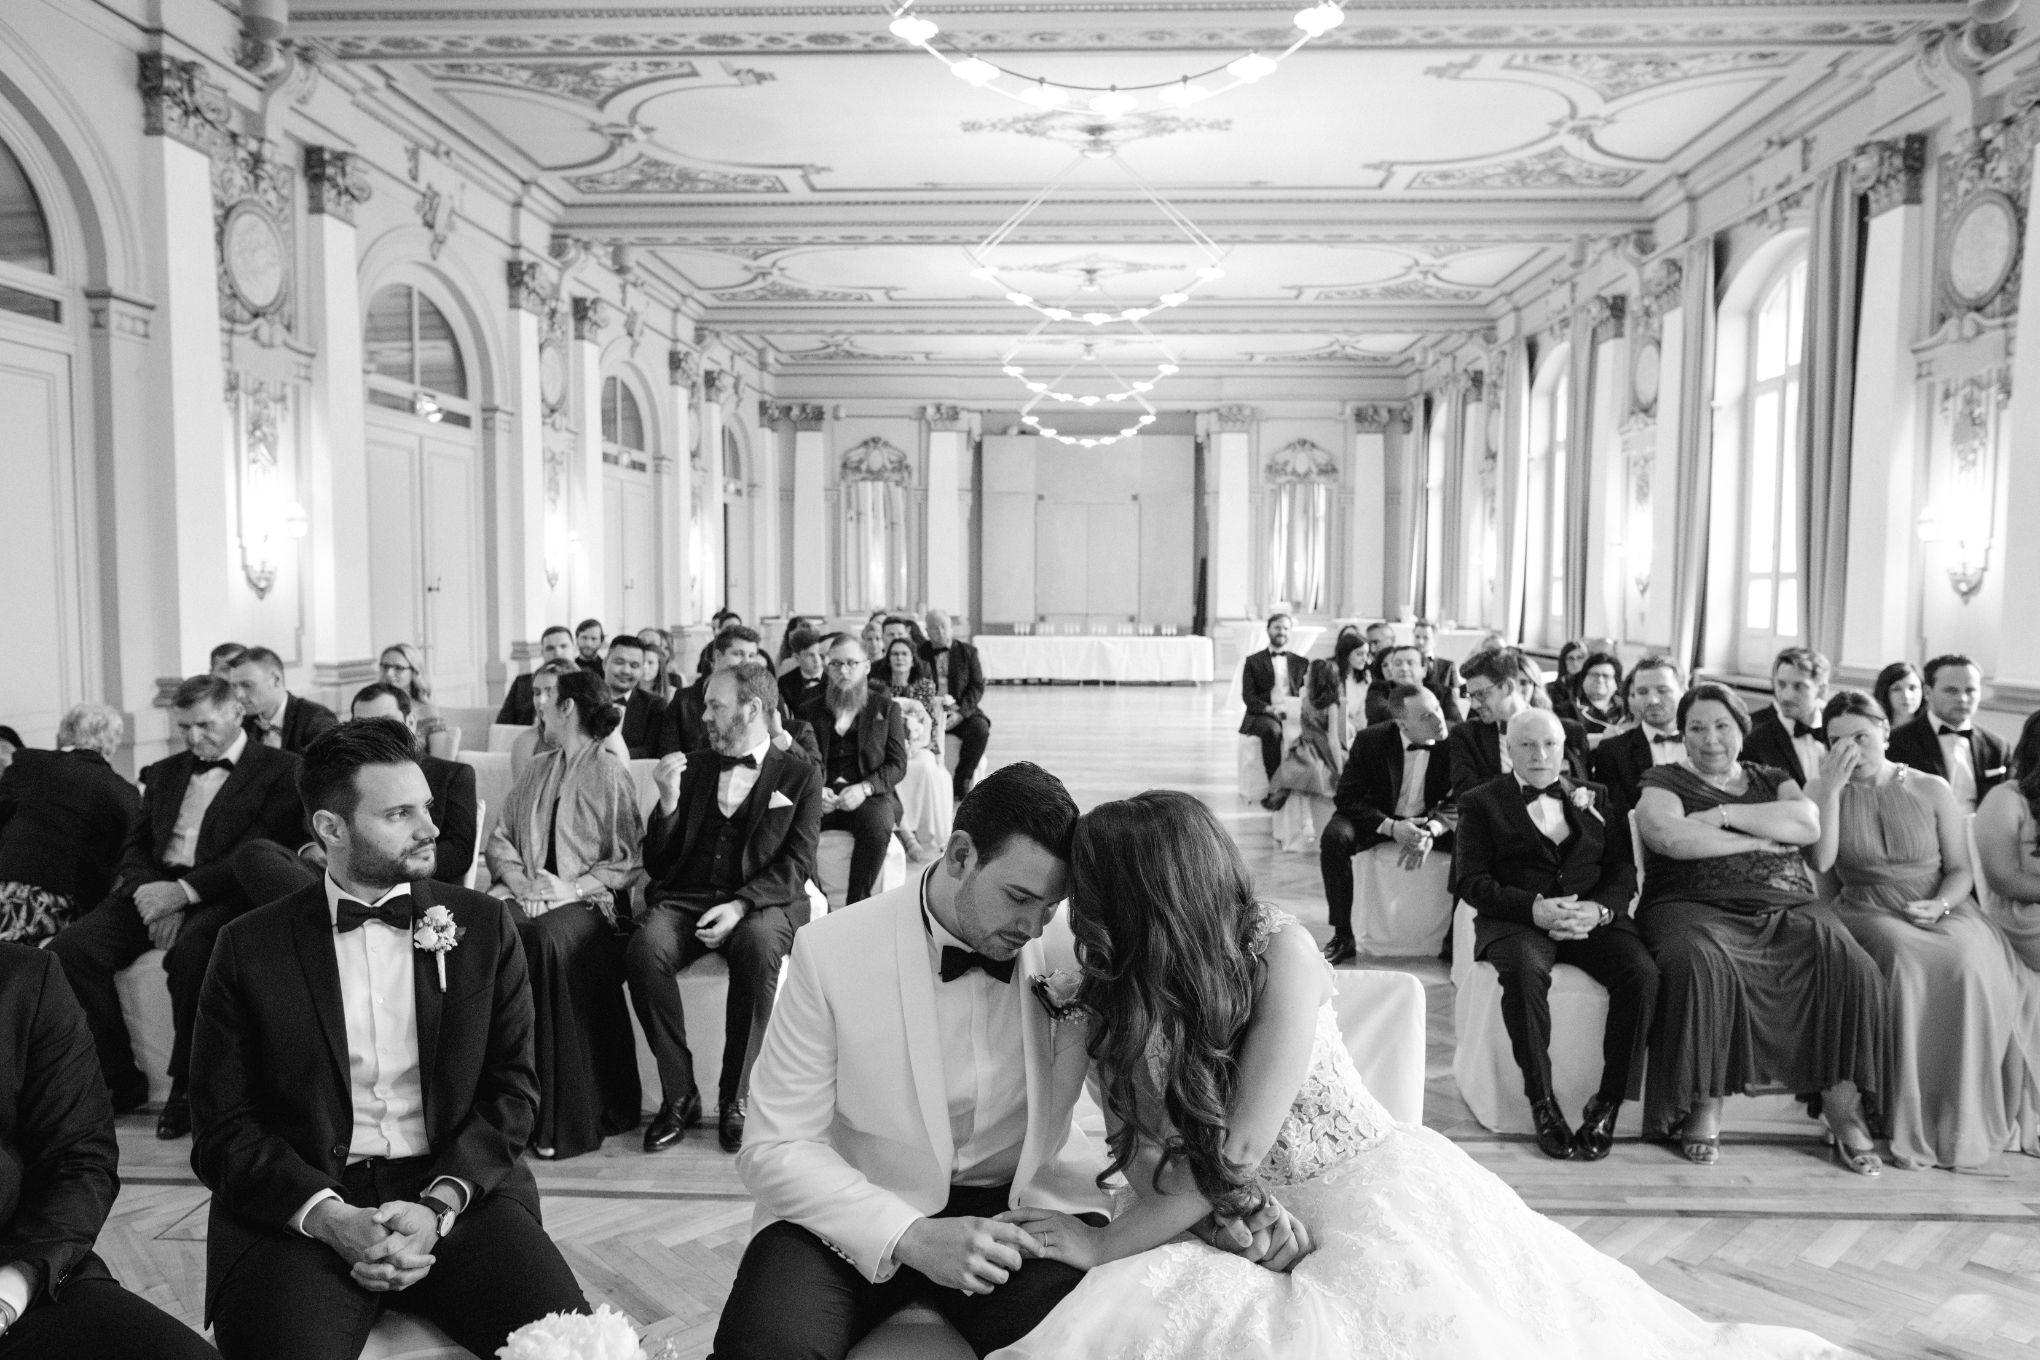 Hochzeit-Historische-Stadthalle-Wuppertal-The-Saums-KN-31.jpg